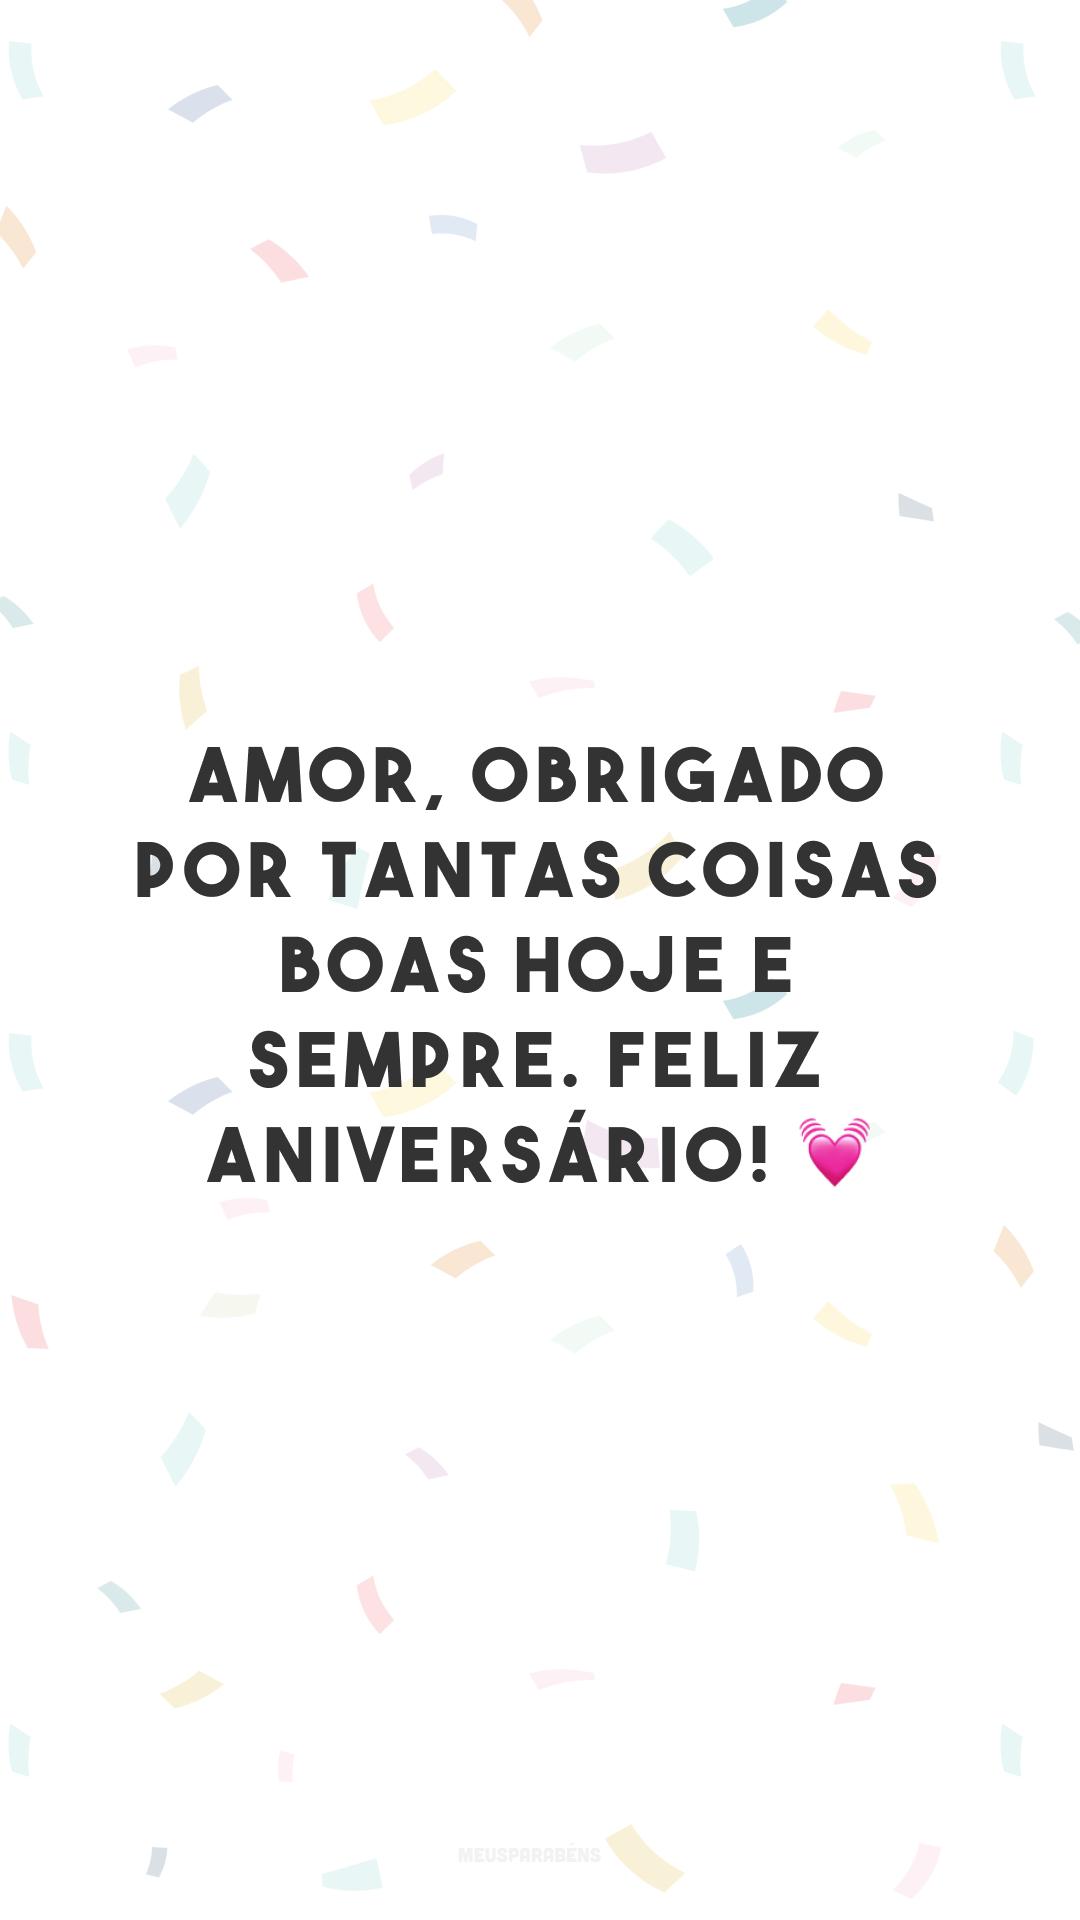 Amor, obrigado por tantas coisas boas hoje e sempre. Feliz aniversário! 💓